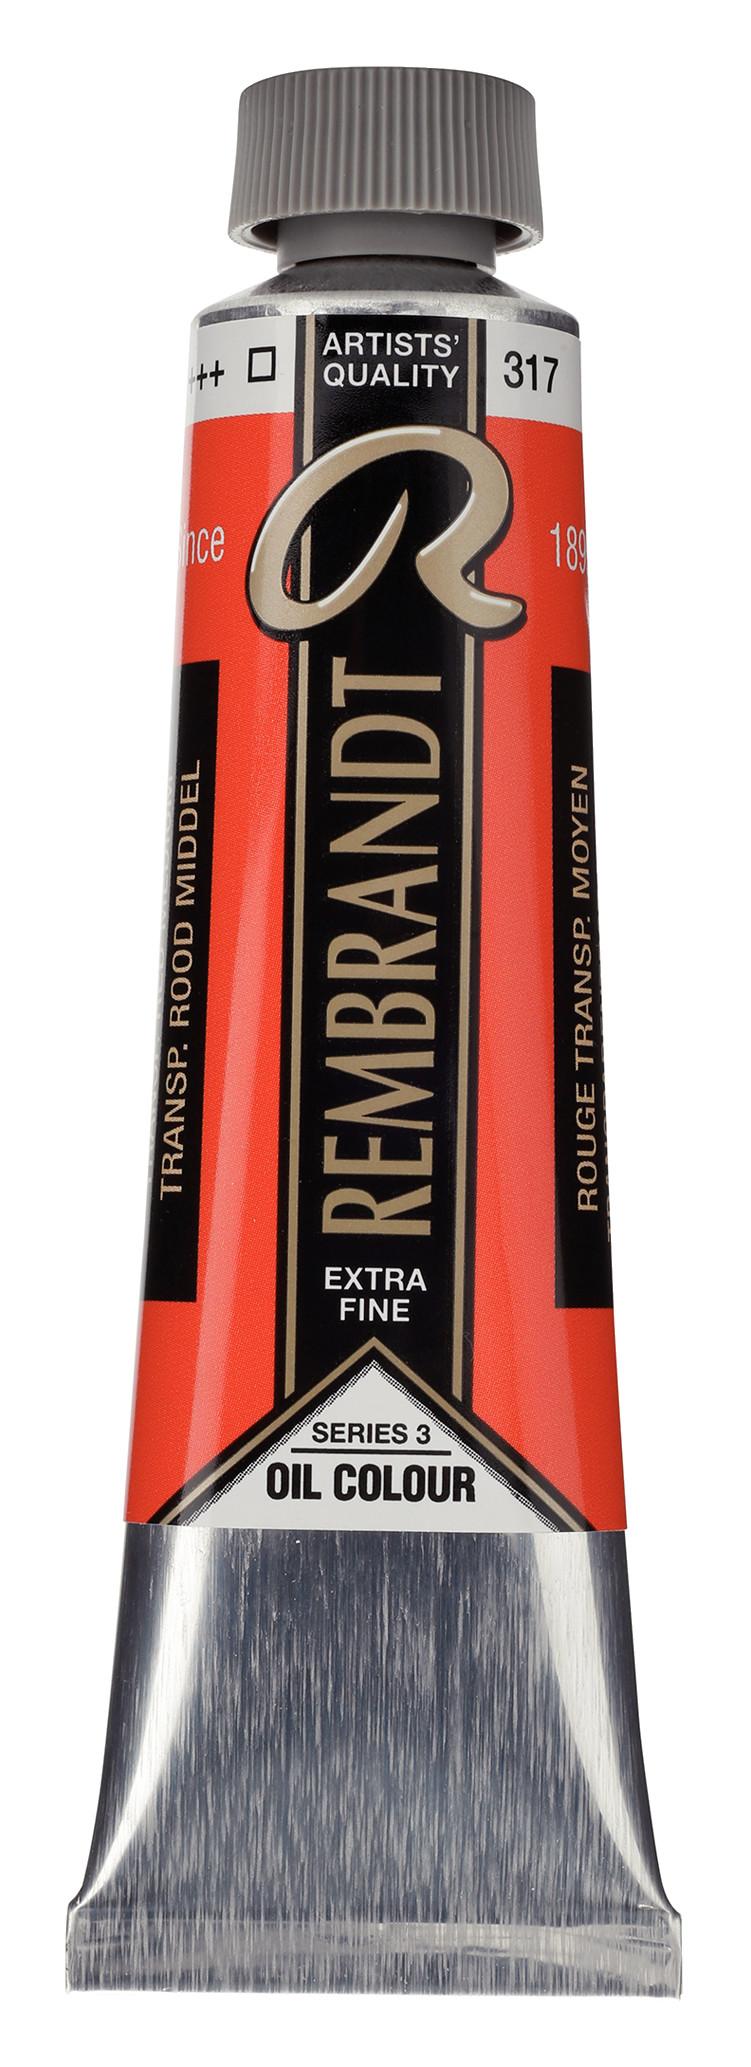 Rembrandt Oil colour Paint Transparent Red Medium (317) 40ml Tube